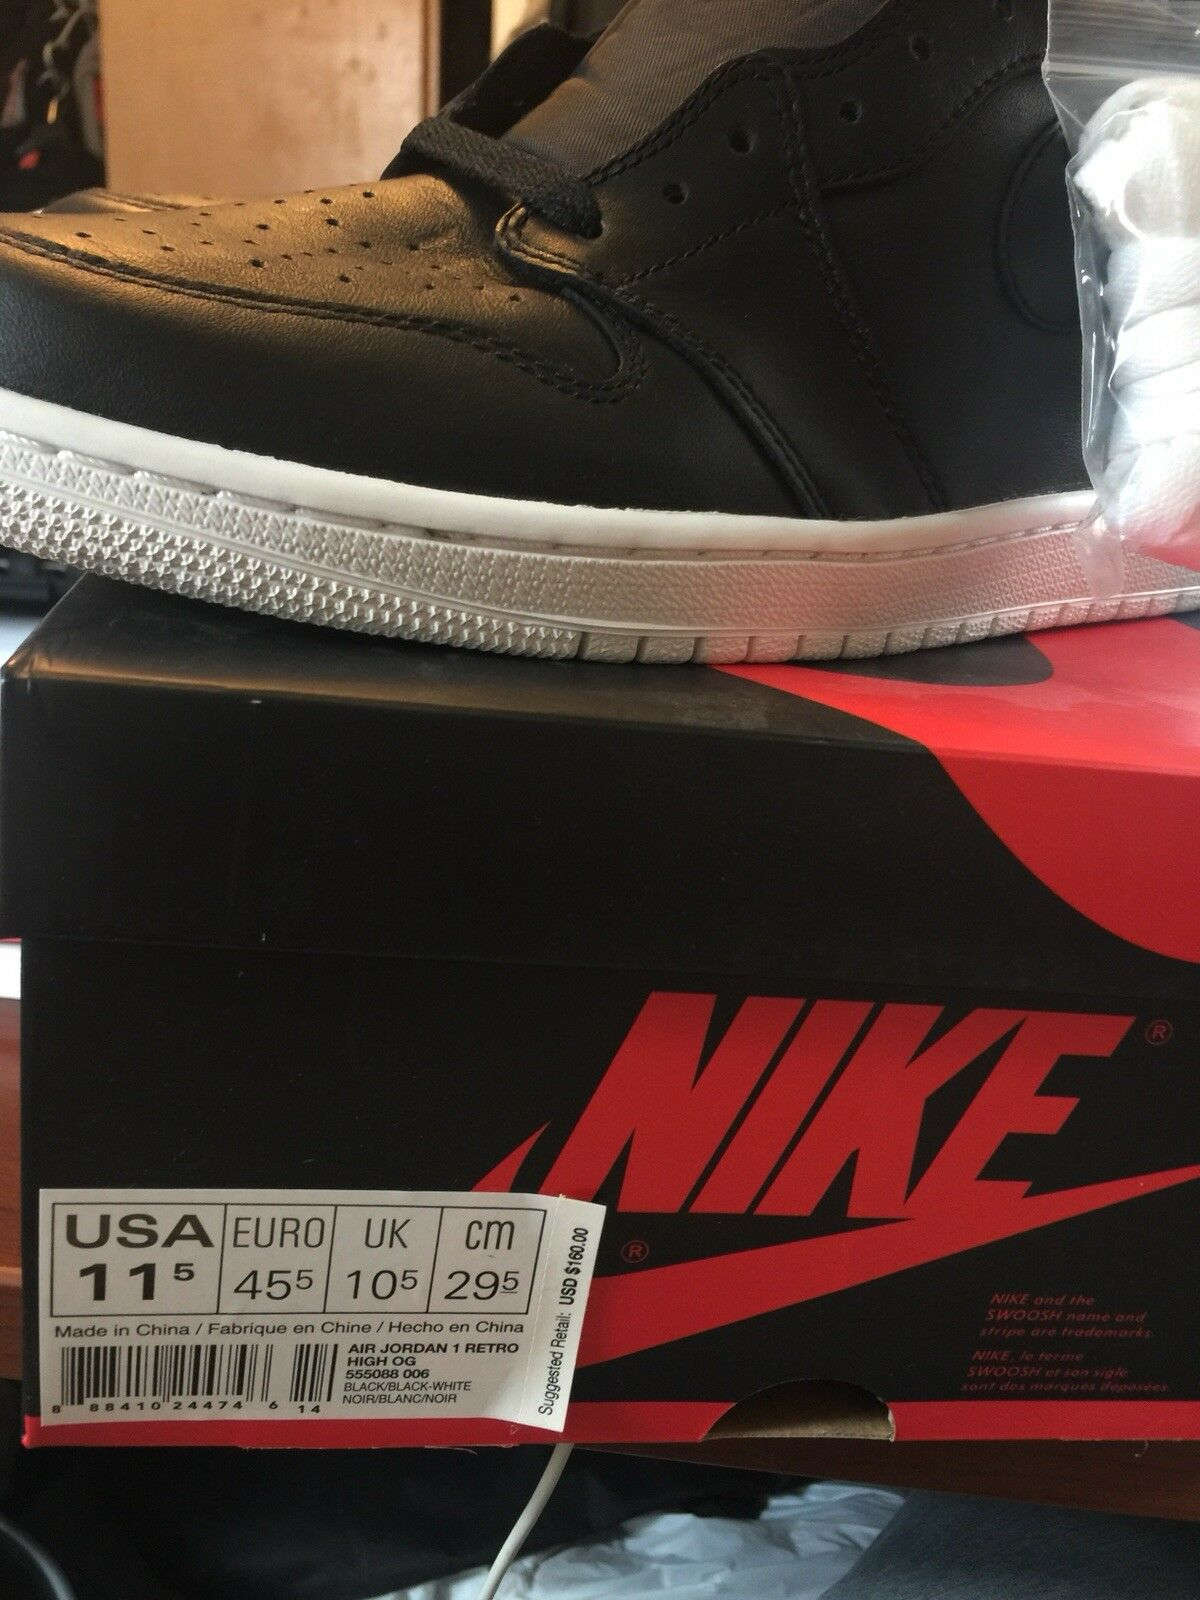 Nike Air Jordan 1 alto Cyber Lunes comodo especial especial comodo de tiempo limitado 736cc0